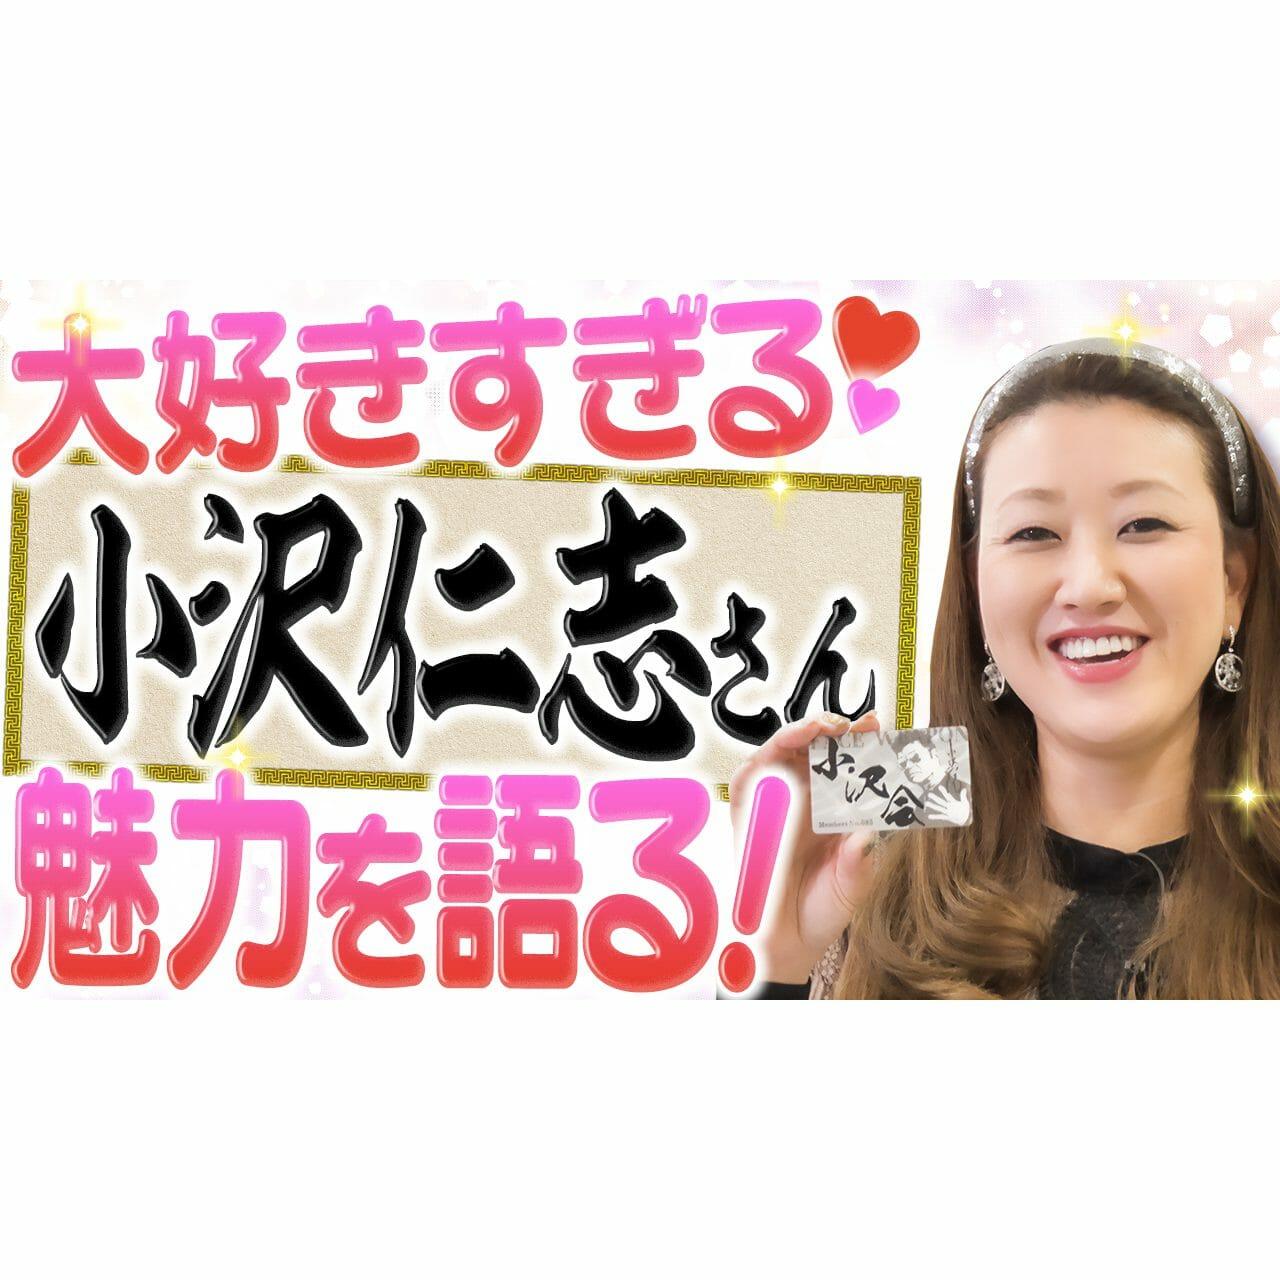 大好きすぎる【小沢仁志さん】魅力を語る!